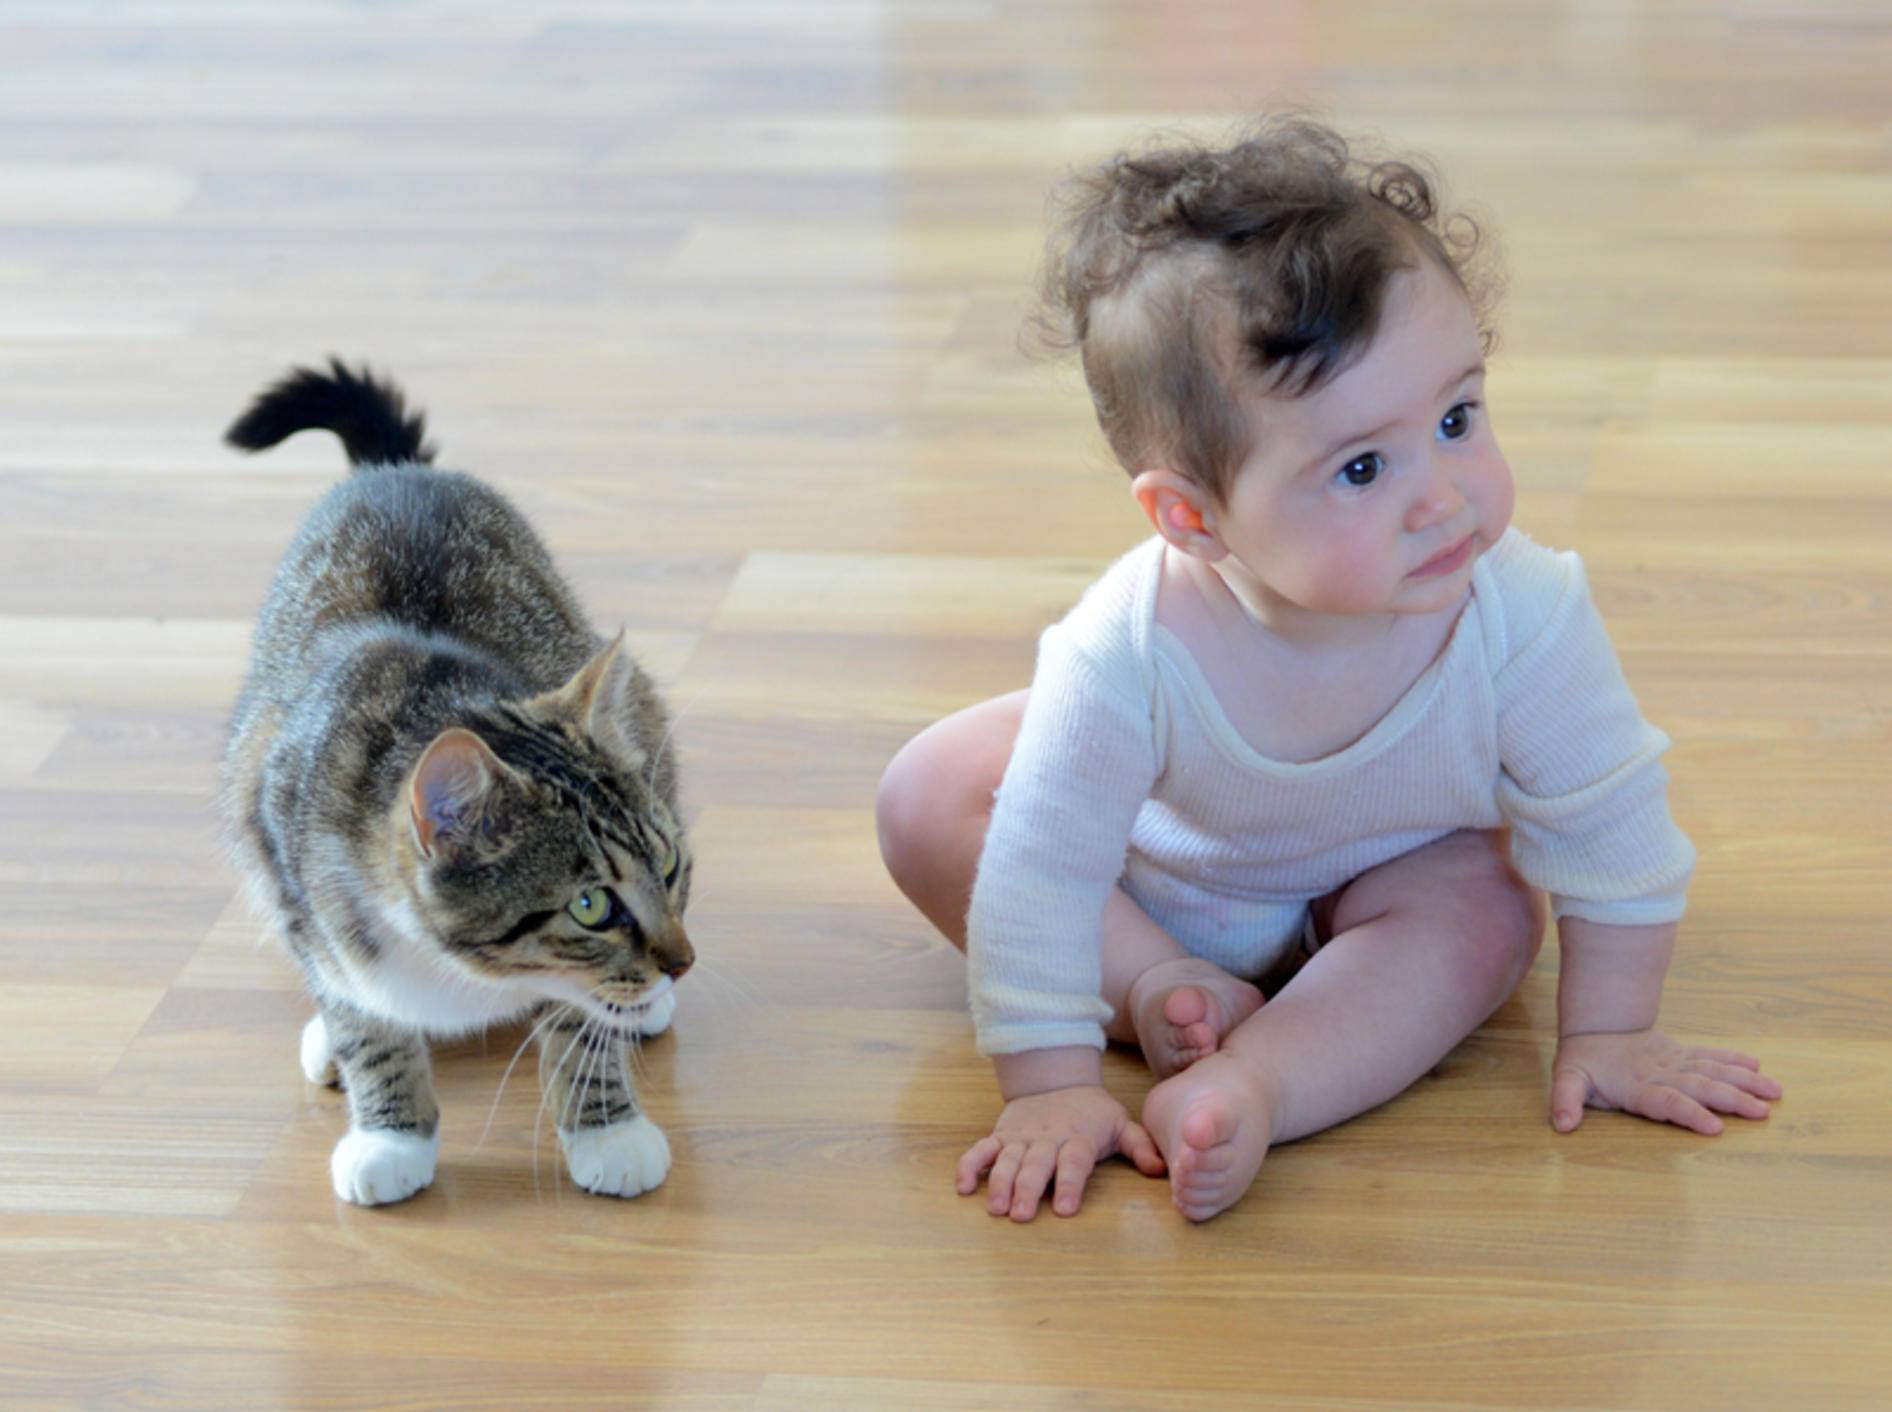 Katze und Baby können gut miteinander auskommen – Shutterstock / ChameleonsEye